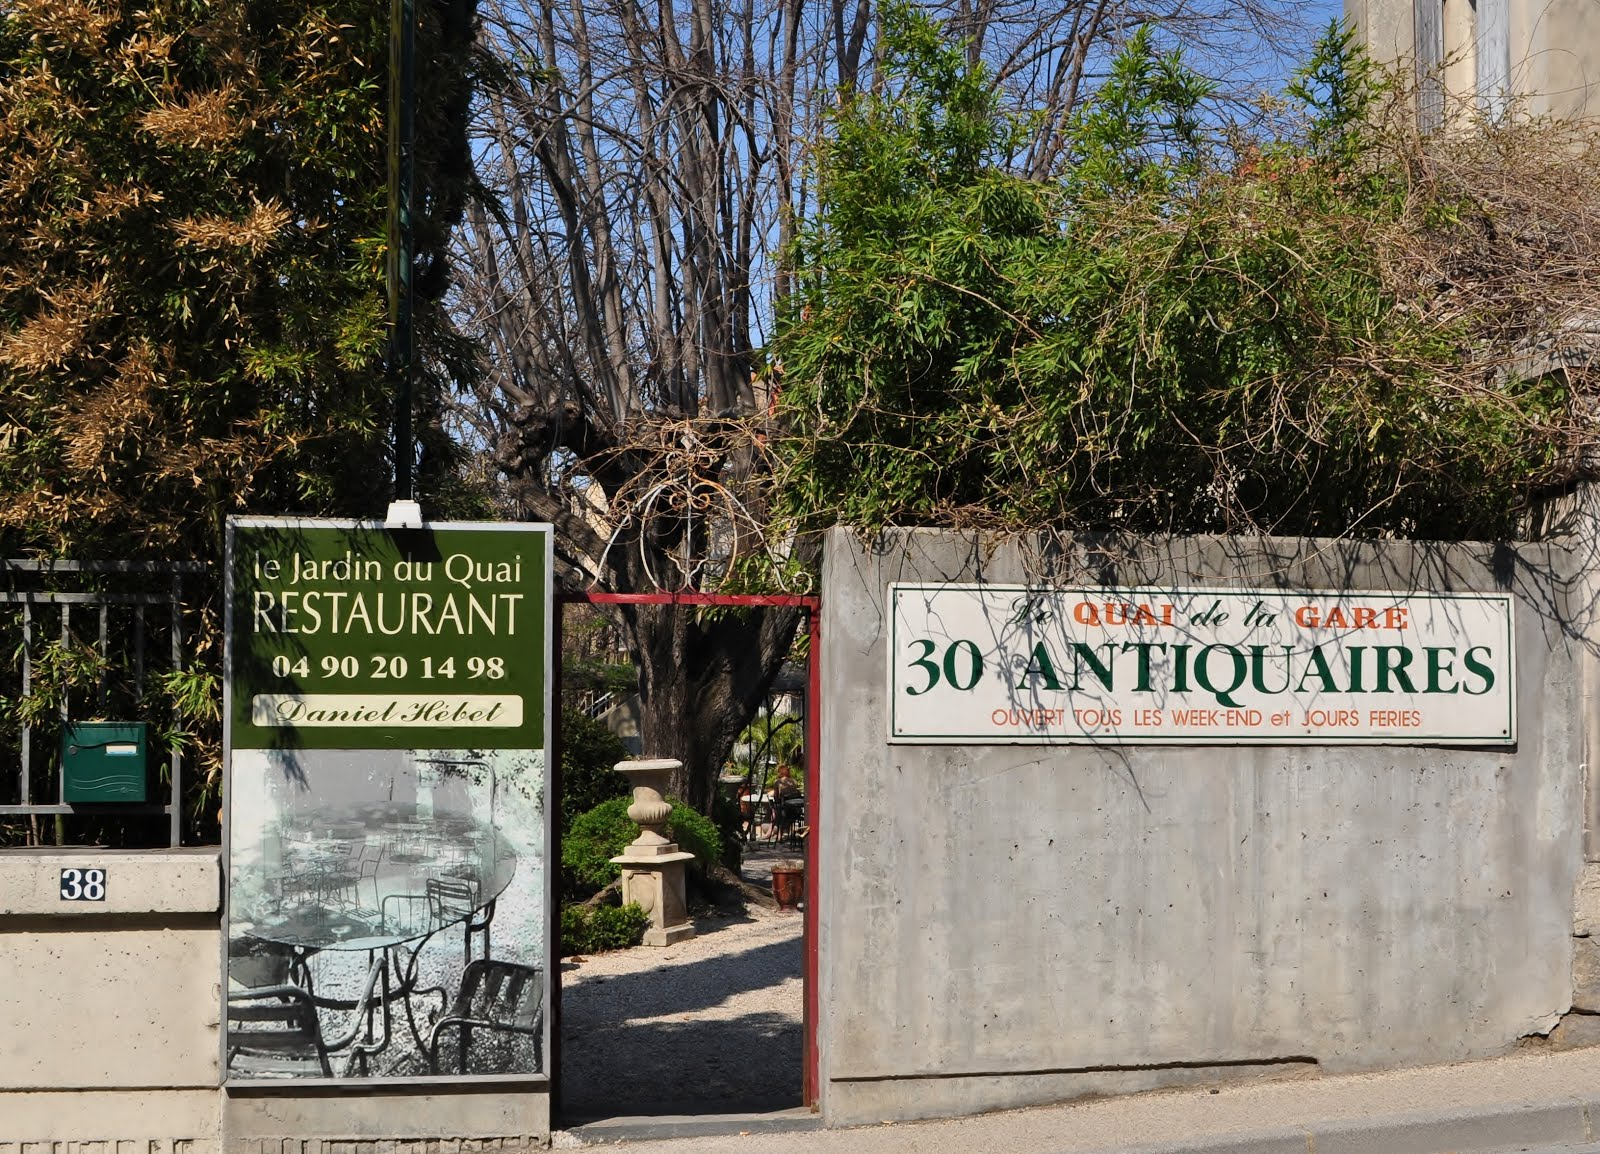 Our house in provence l 39 isle sur la sorgue antique for Le jardin du quai